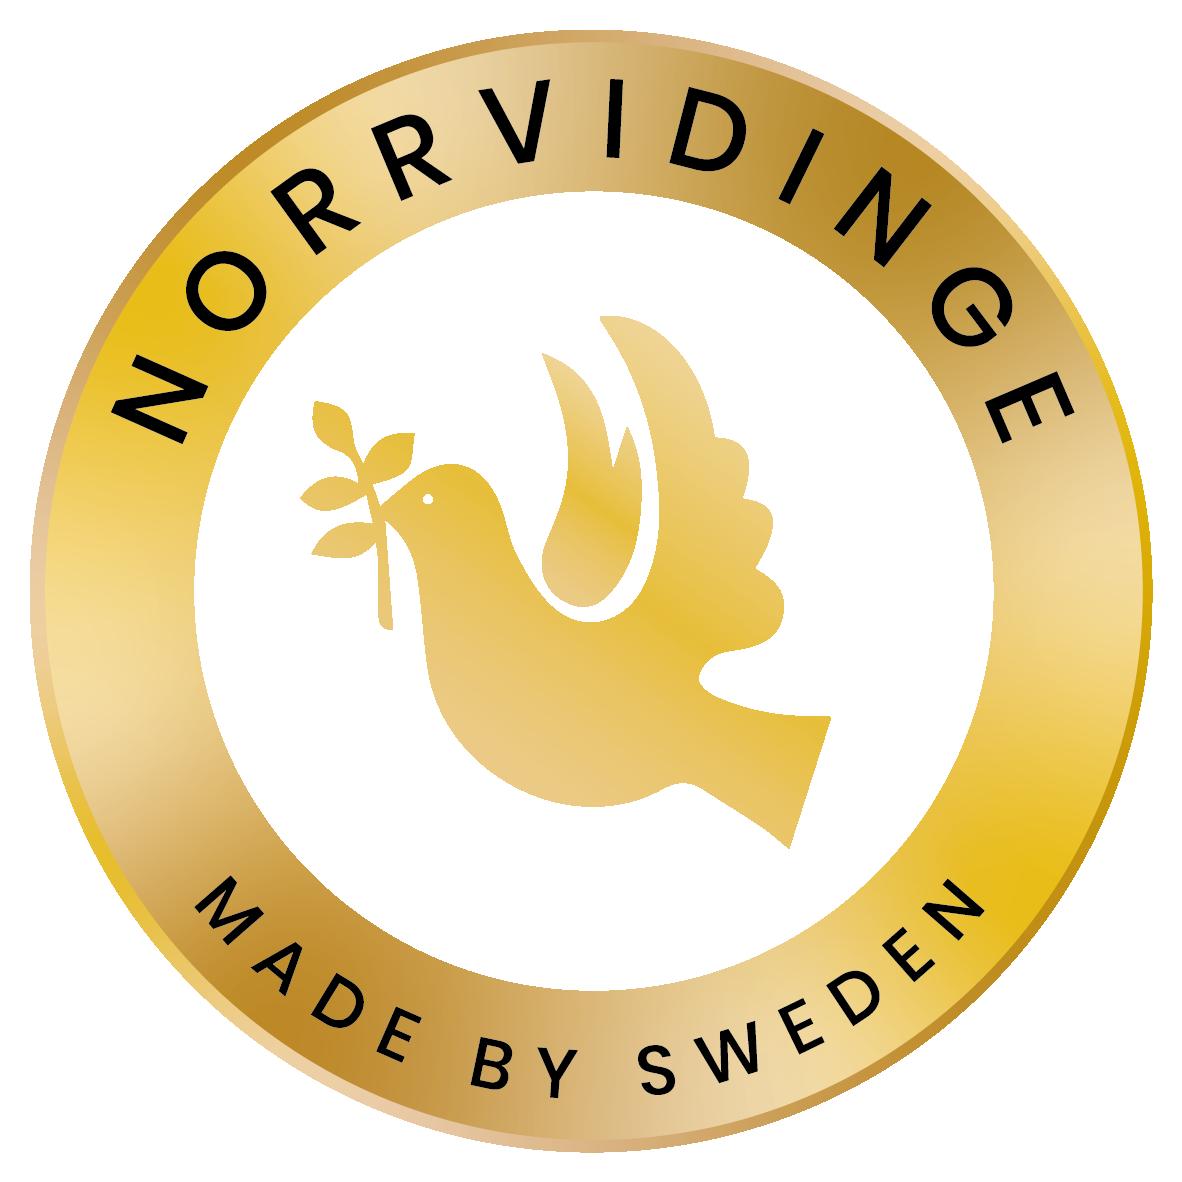 Norrvidinge of Sweden